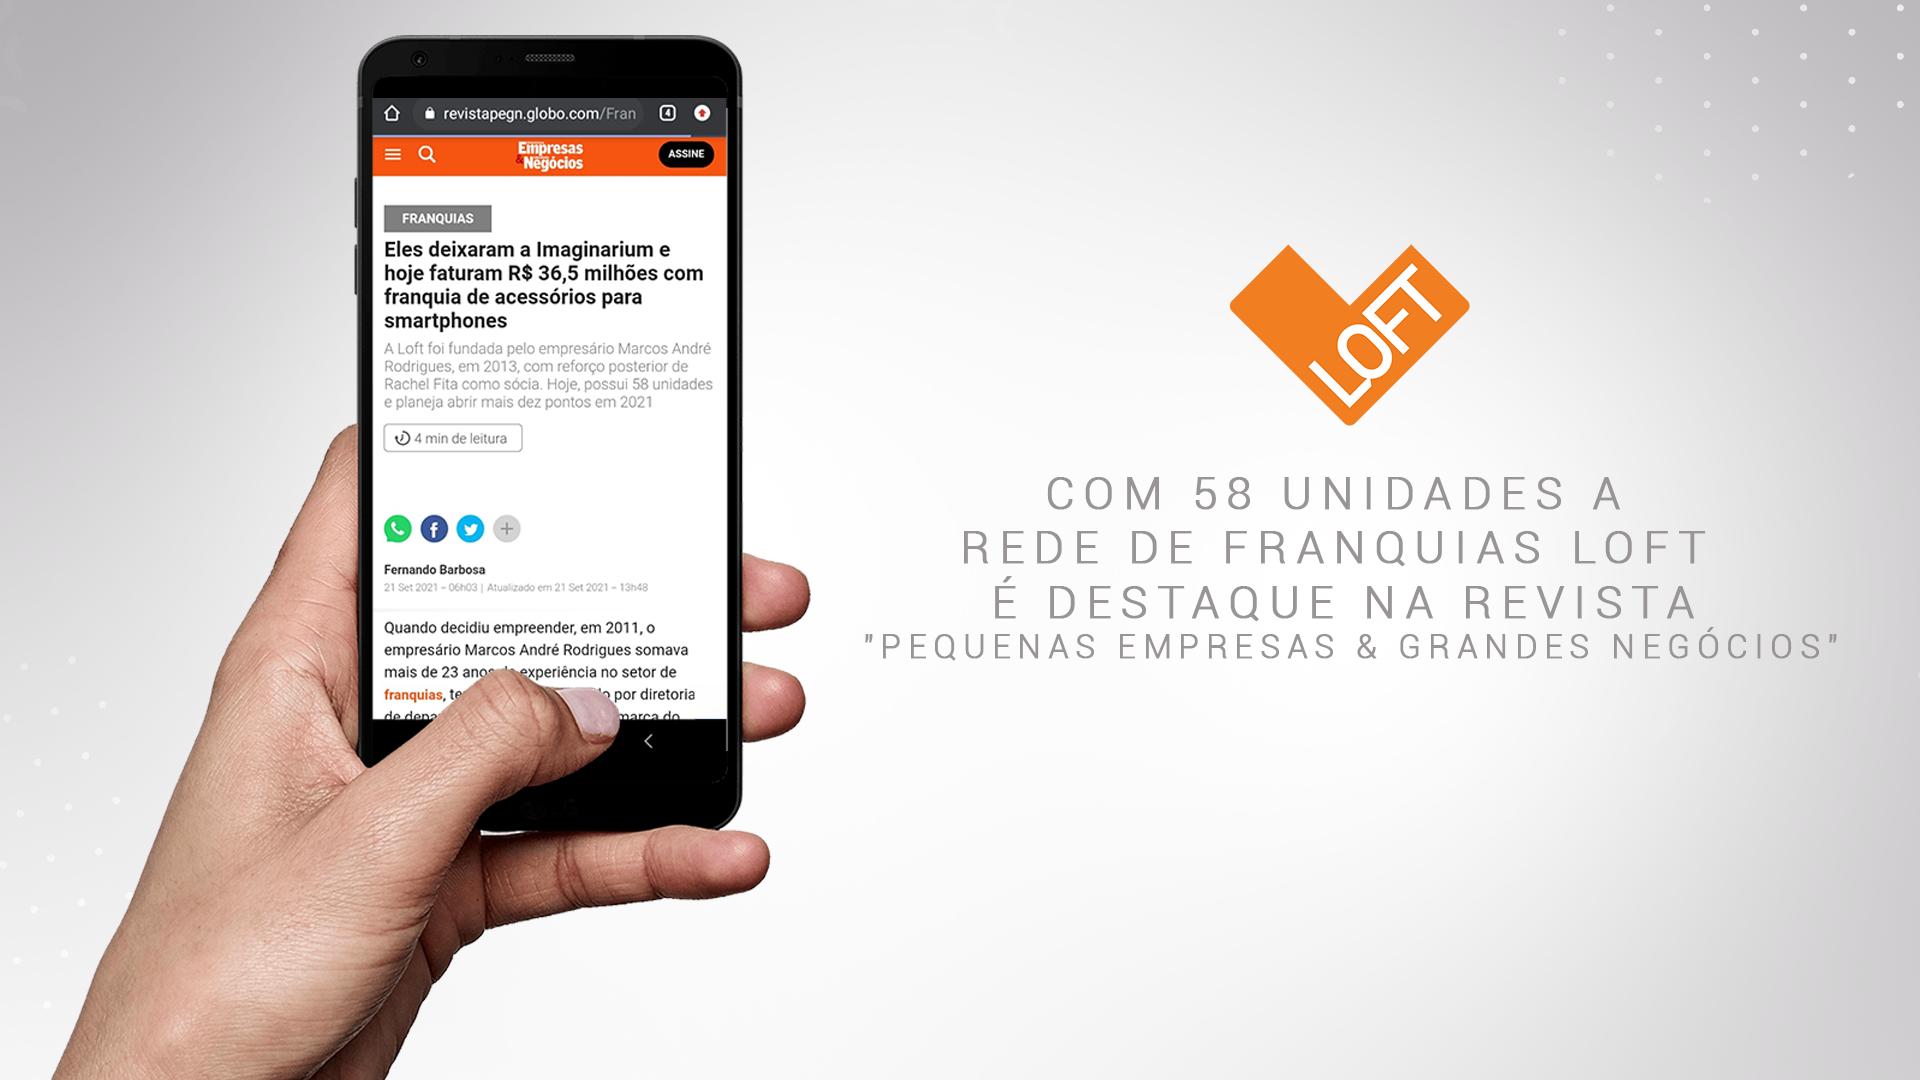 """Com 58 unidades a rede de franquias Loft é destaque na revista """"Pequenas Empresas & Grandes Negócios"""""""